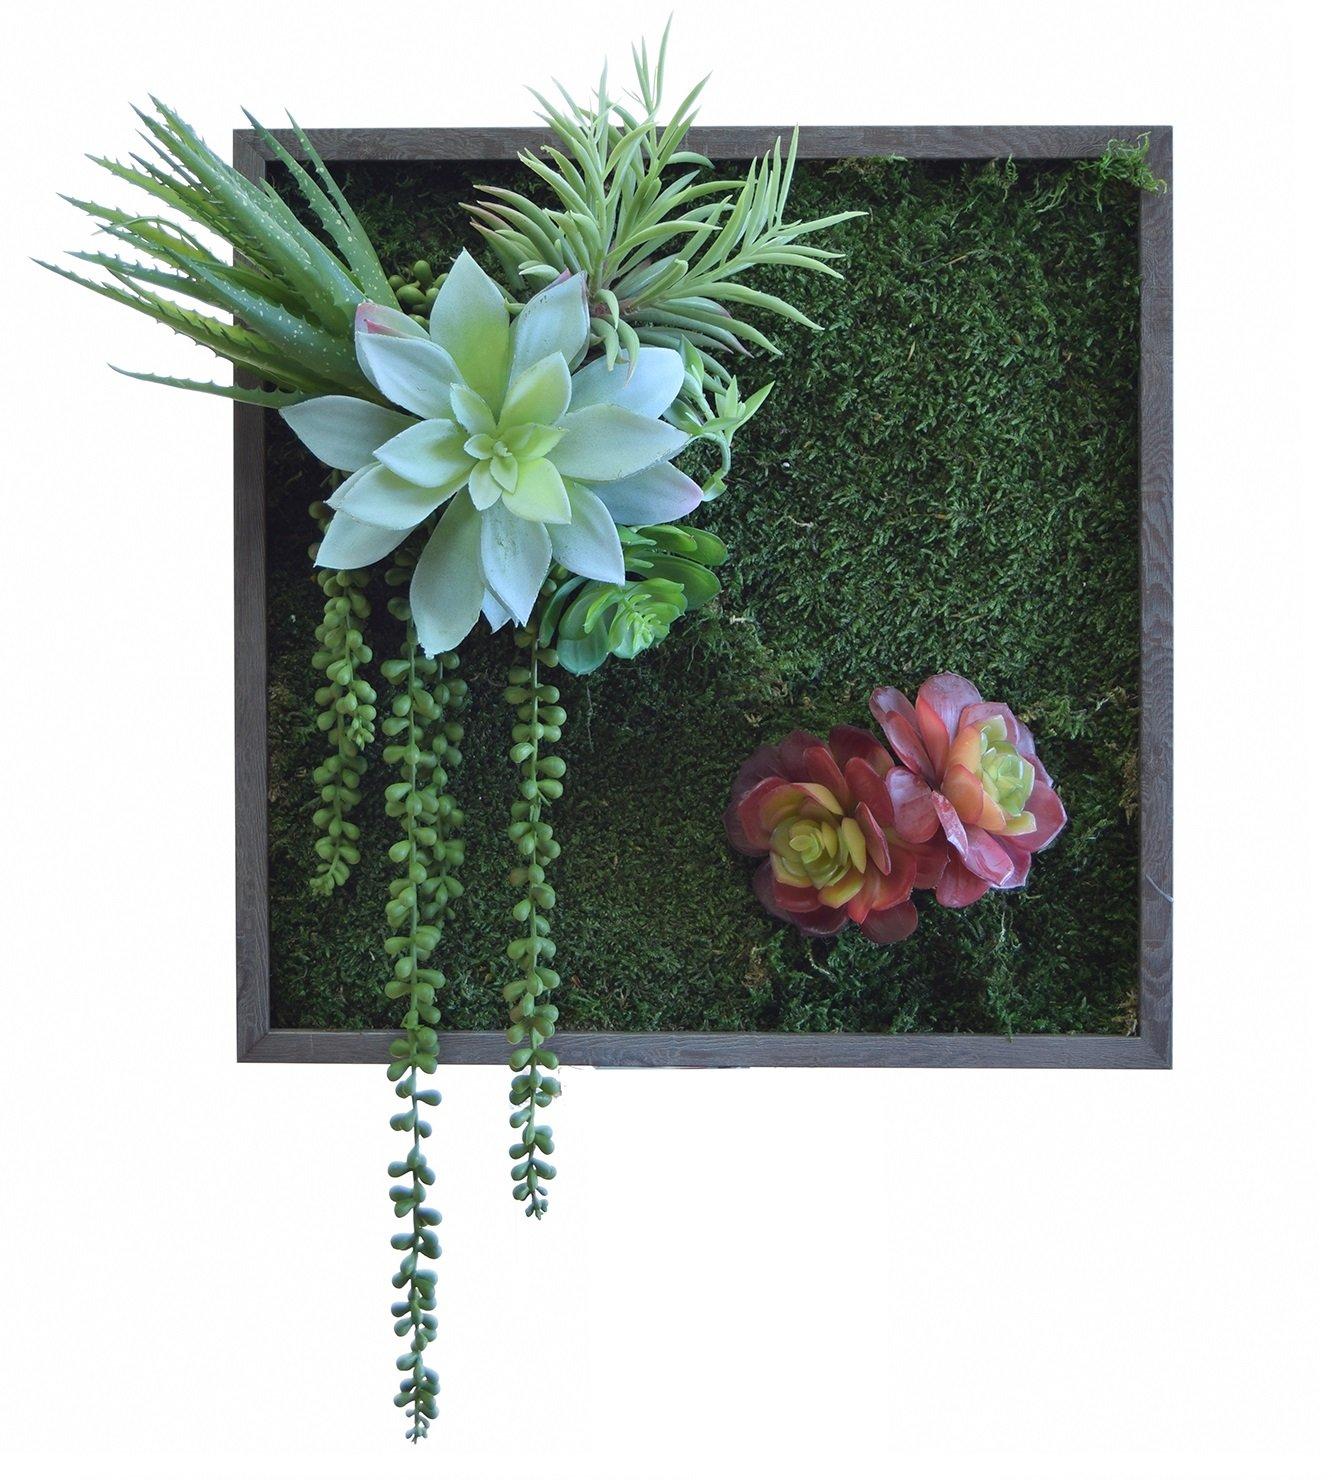 e-flor made man Jardín Vertical Artificial 41x45cm, Compuesto por una Base de Musgo preservado Sobre Tronco Natural. Materiales de Alta Calidad, Ideal para Decoración de hogar: Amazon.es: Hogar